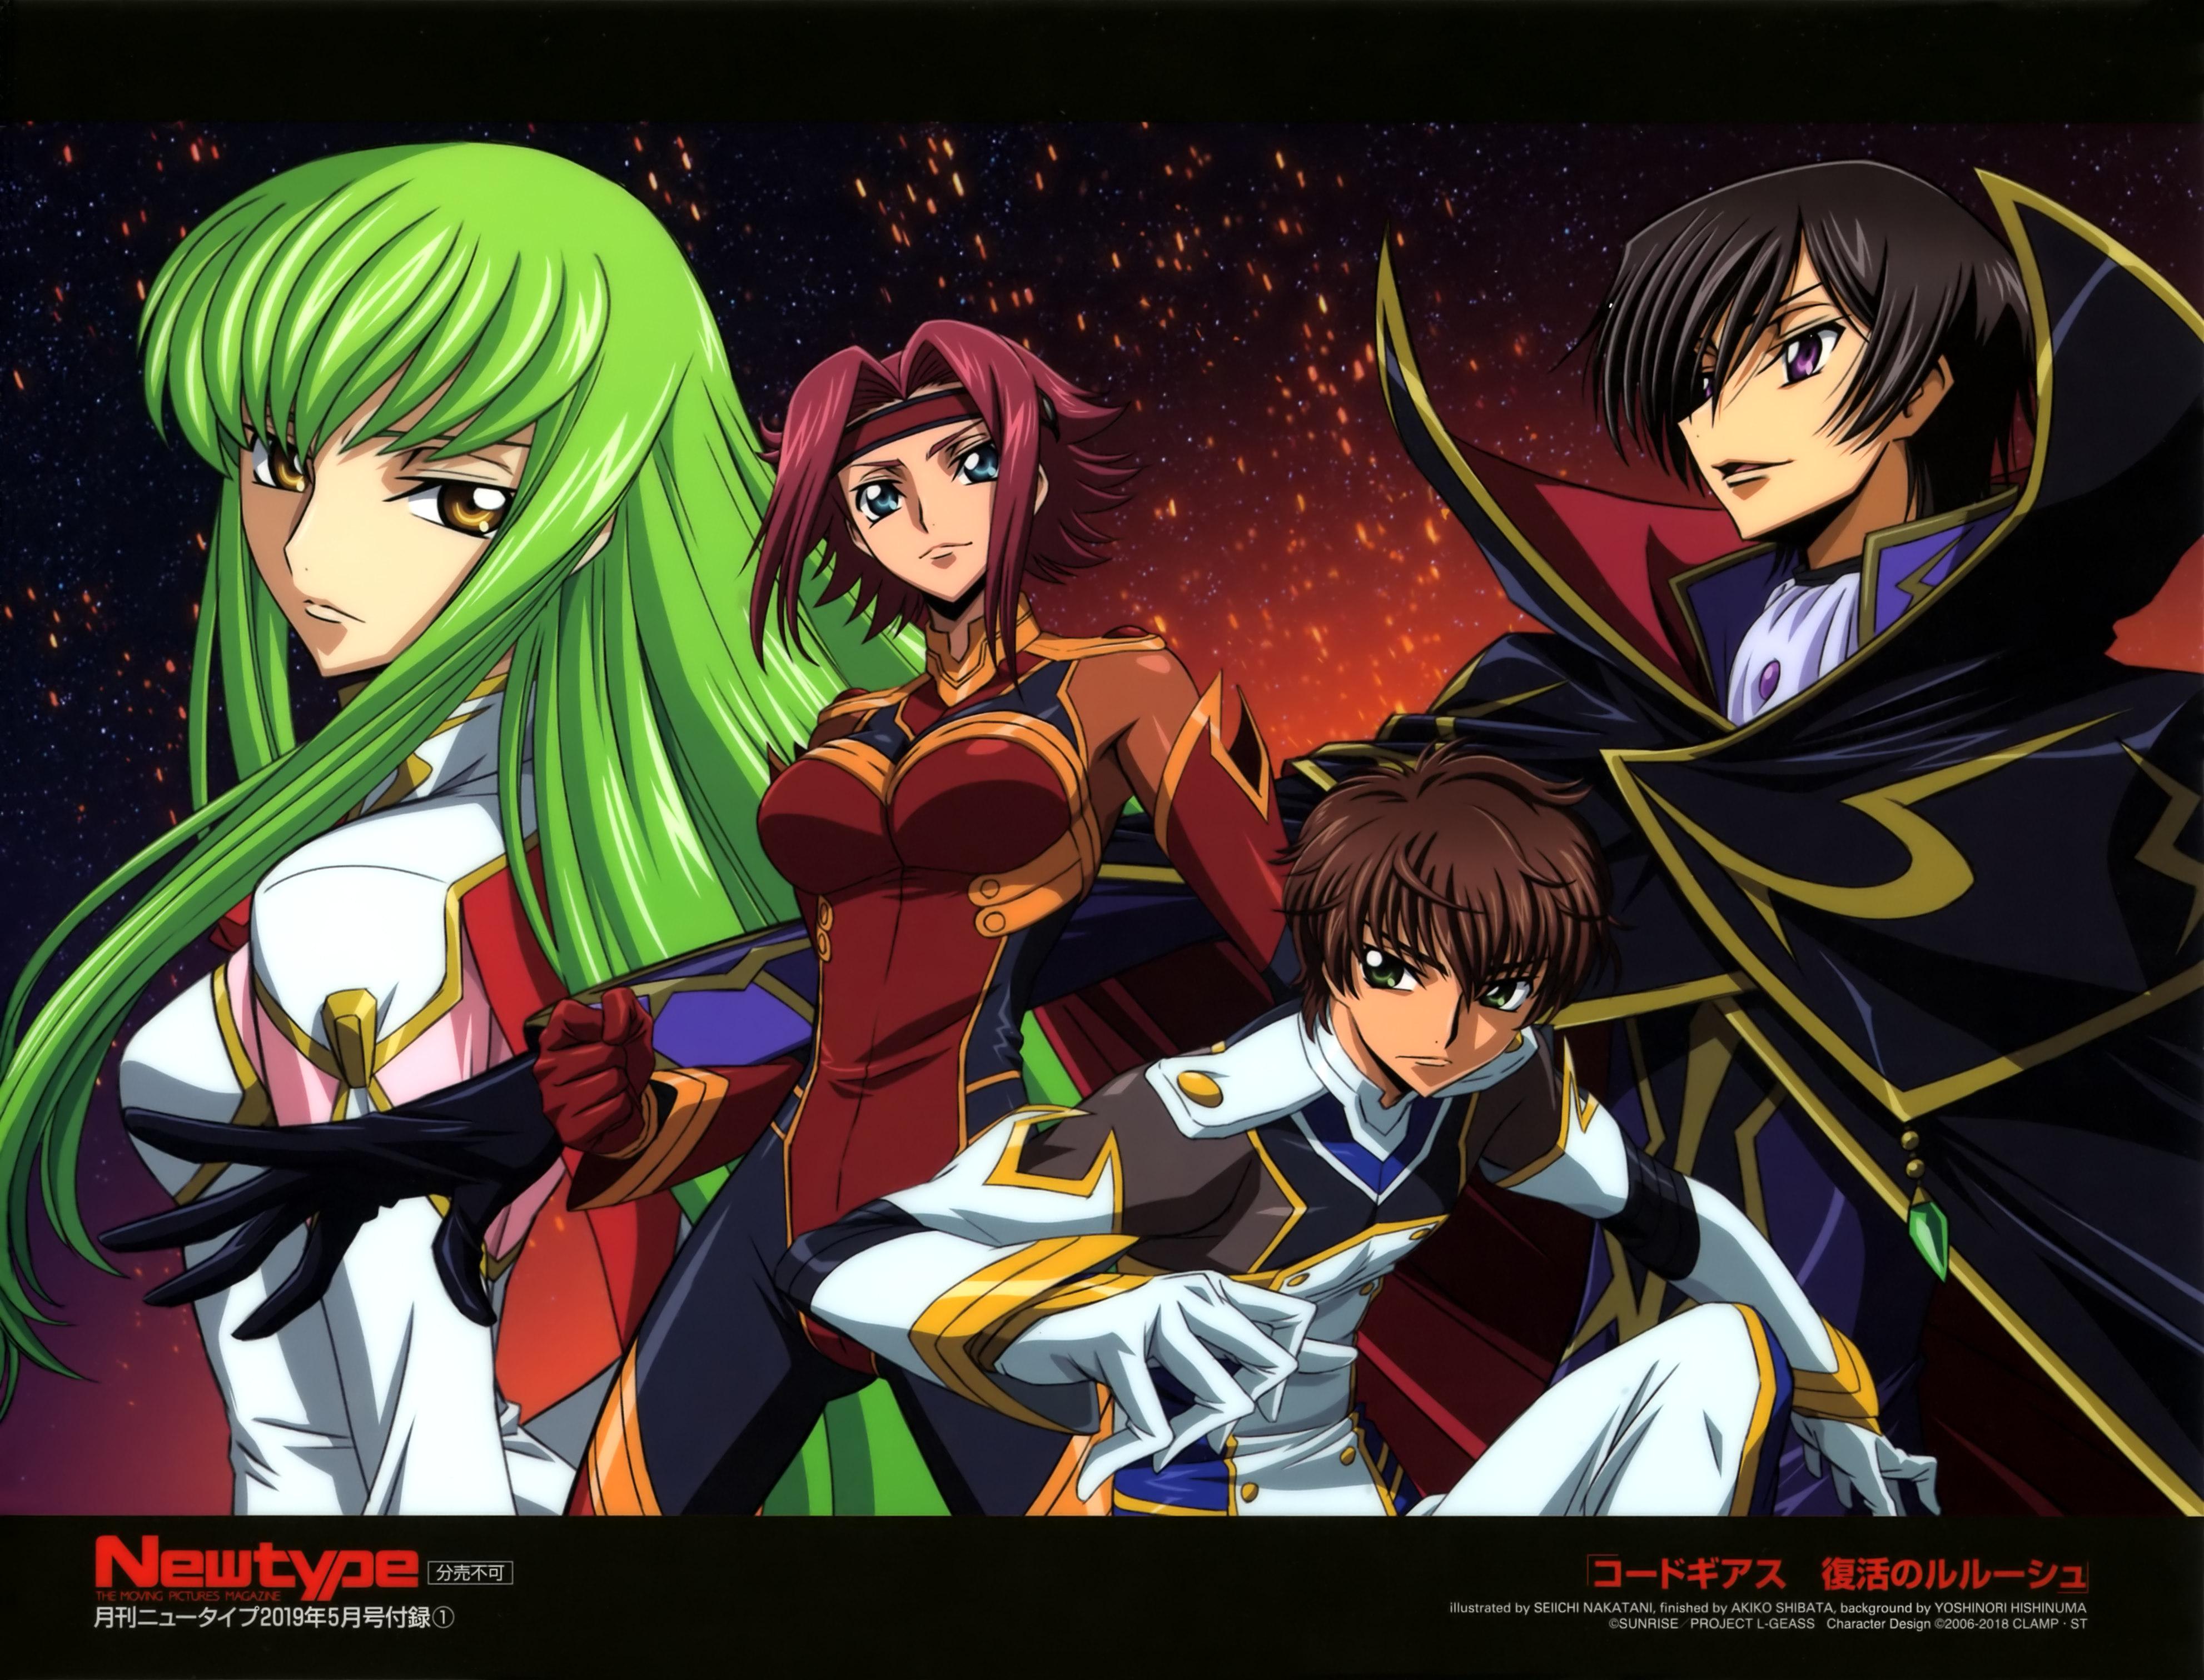 Nakatani Seiichi - Zerochan Anime Image Board